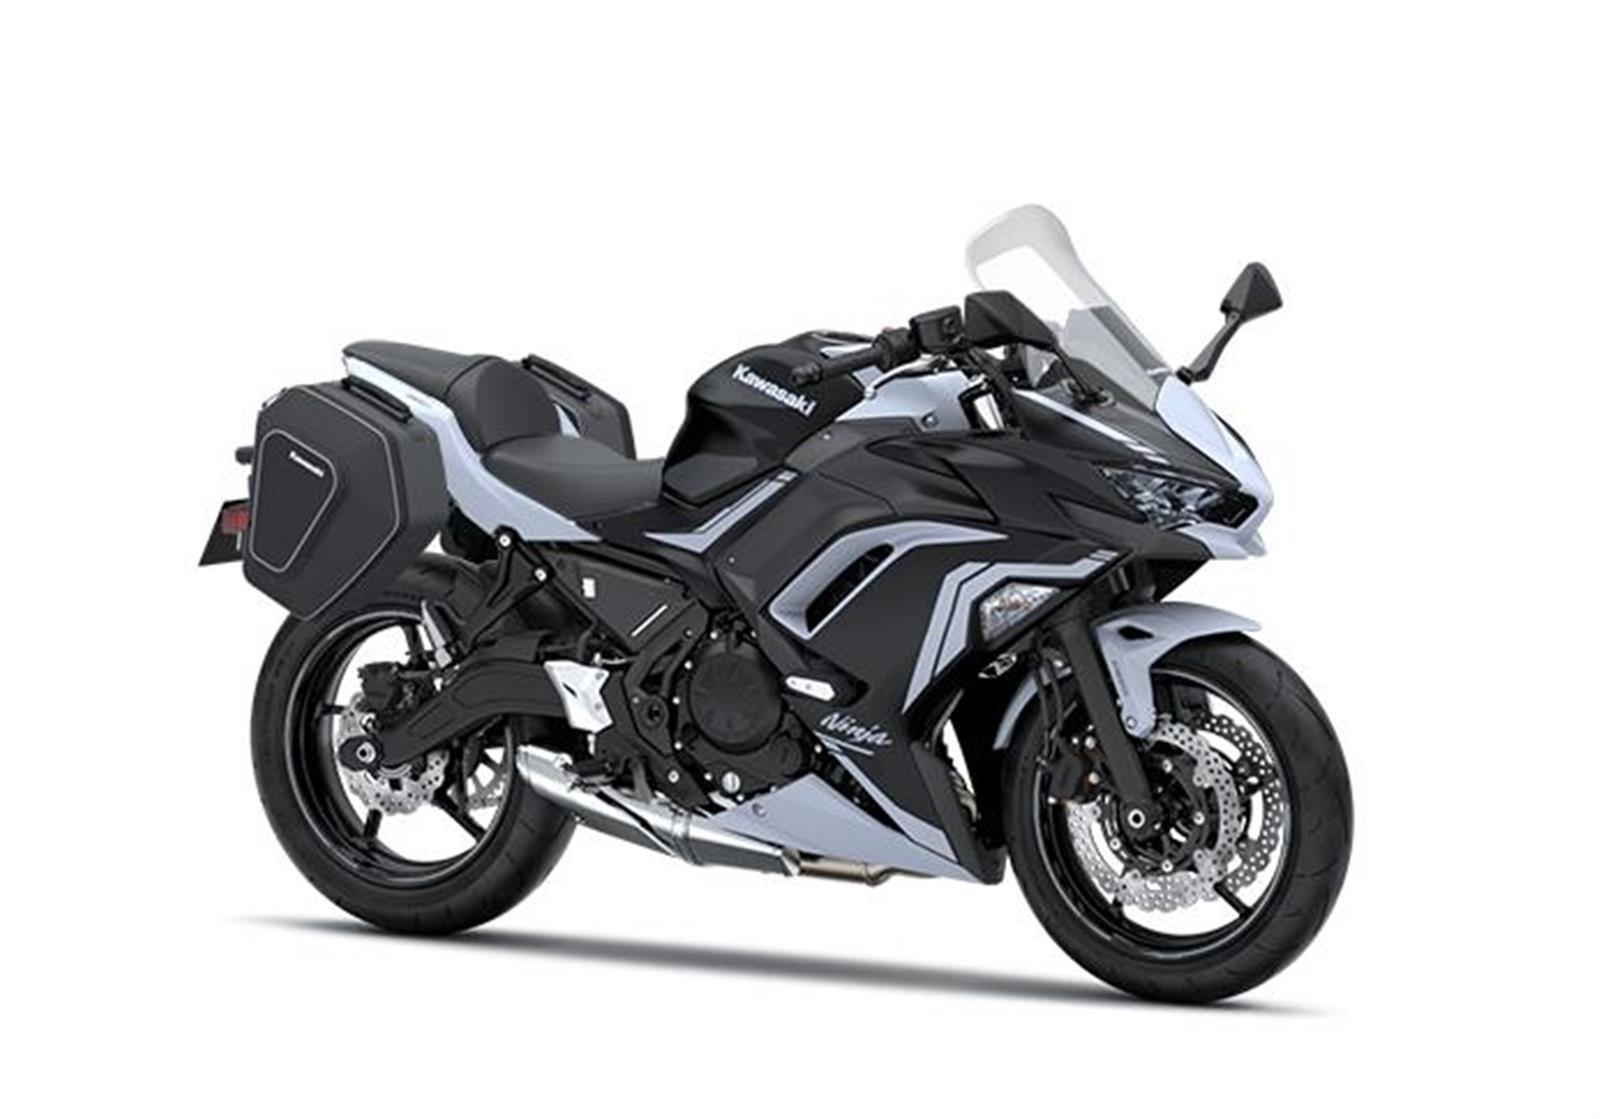 Ninja 650 2020 Tourer